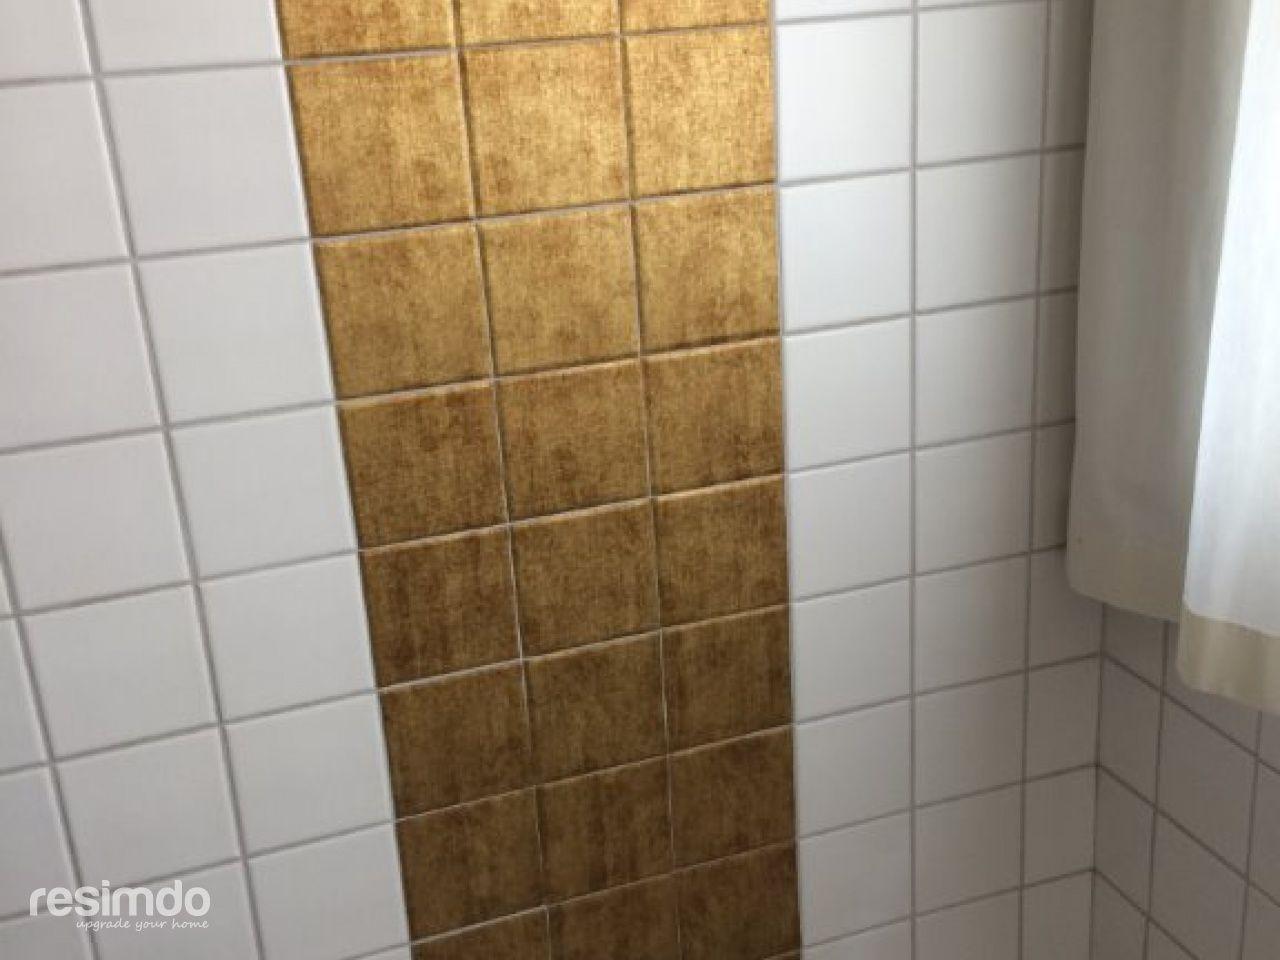 kann man badezimmer fliesen überkleben | badezimmer kreativ ...